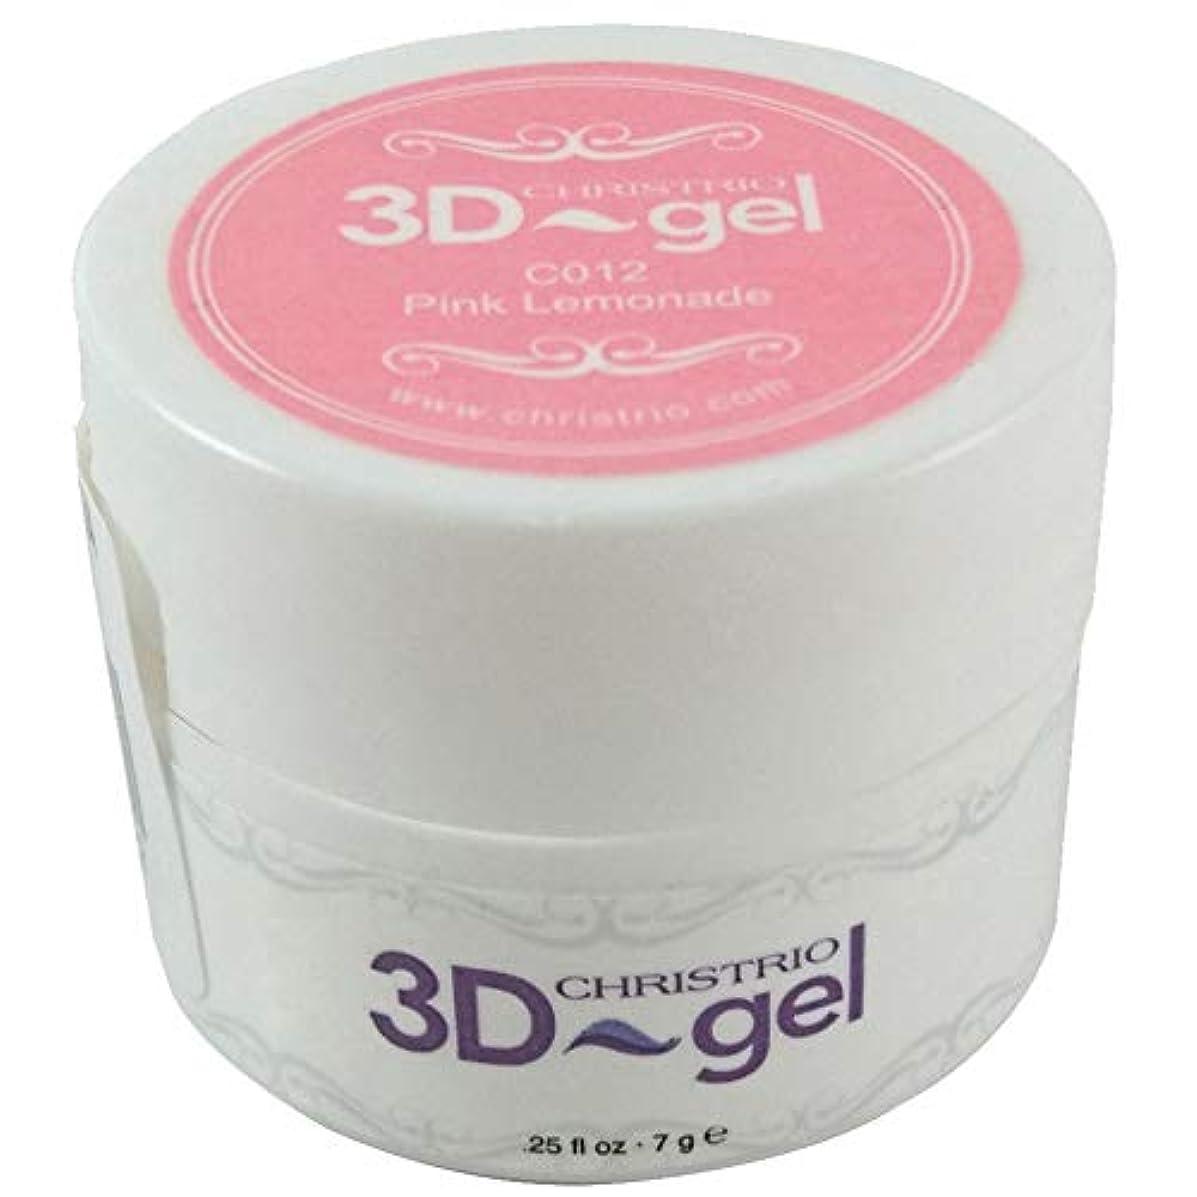 入札サージピッチャーCHRISTRIO 3Dジェル 7g C012 ピンクレモネード